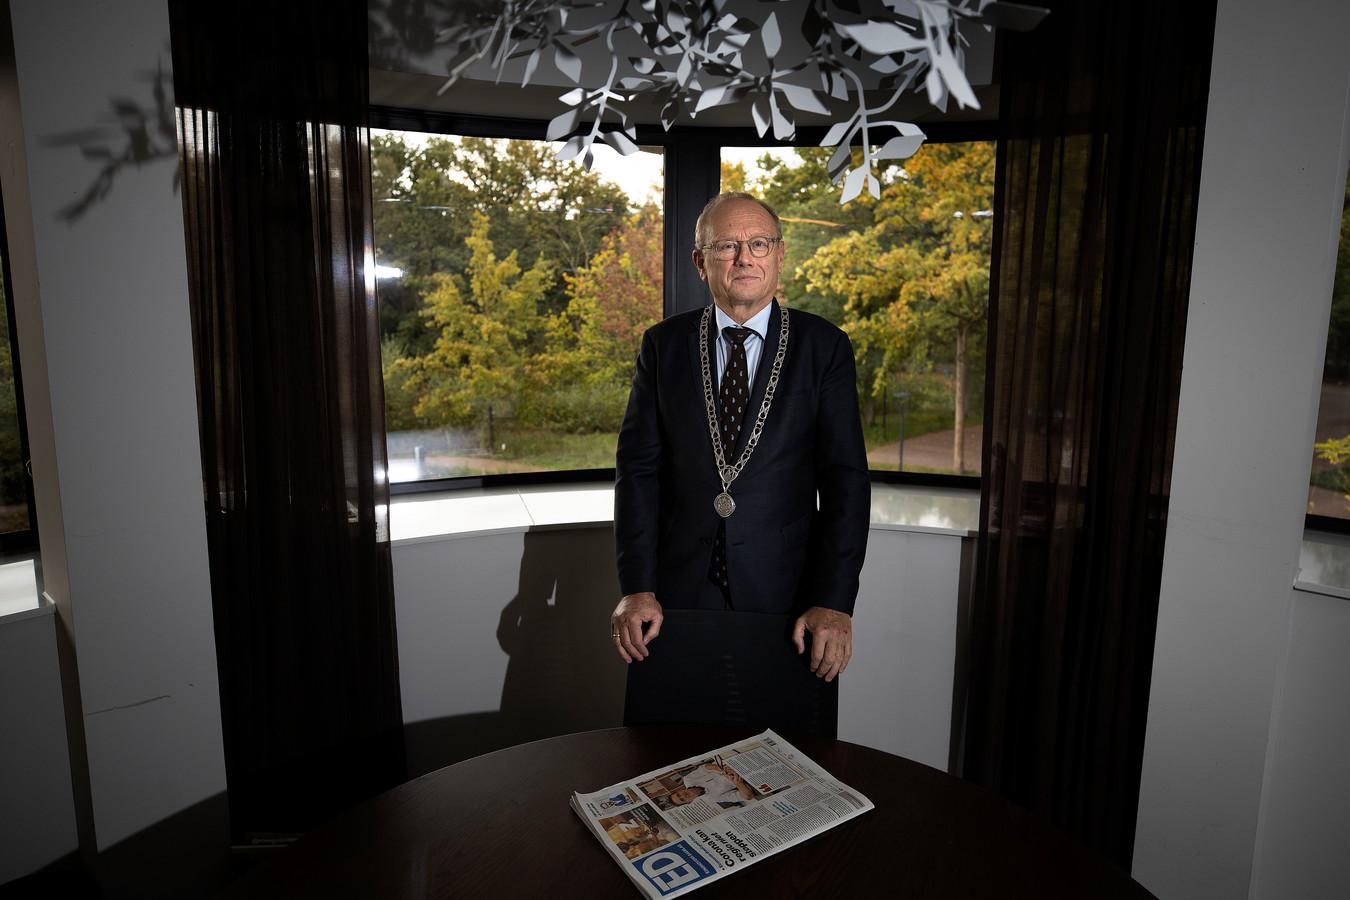 Waarnemend Burgemeester Jan Boelhouwer krijgt in een open brief van lokale omroep Studio040 een veeg uit de pan.